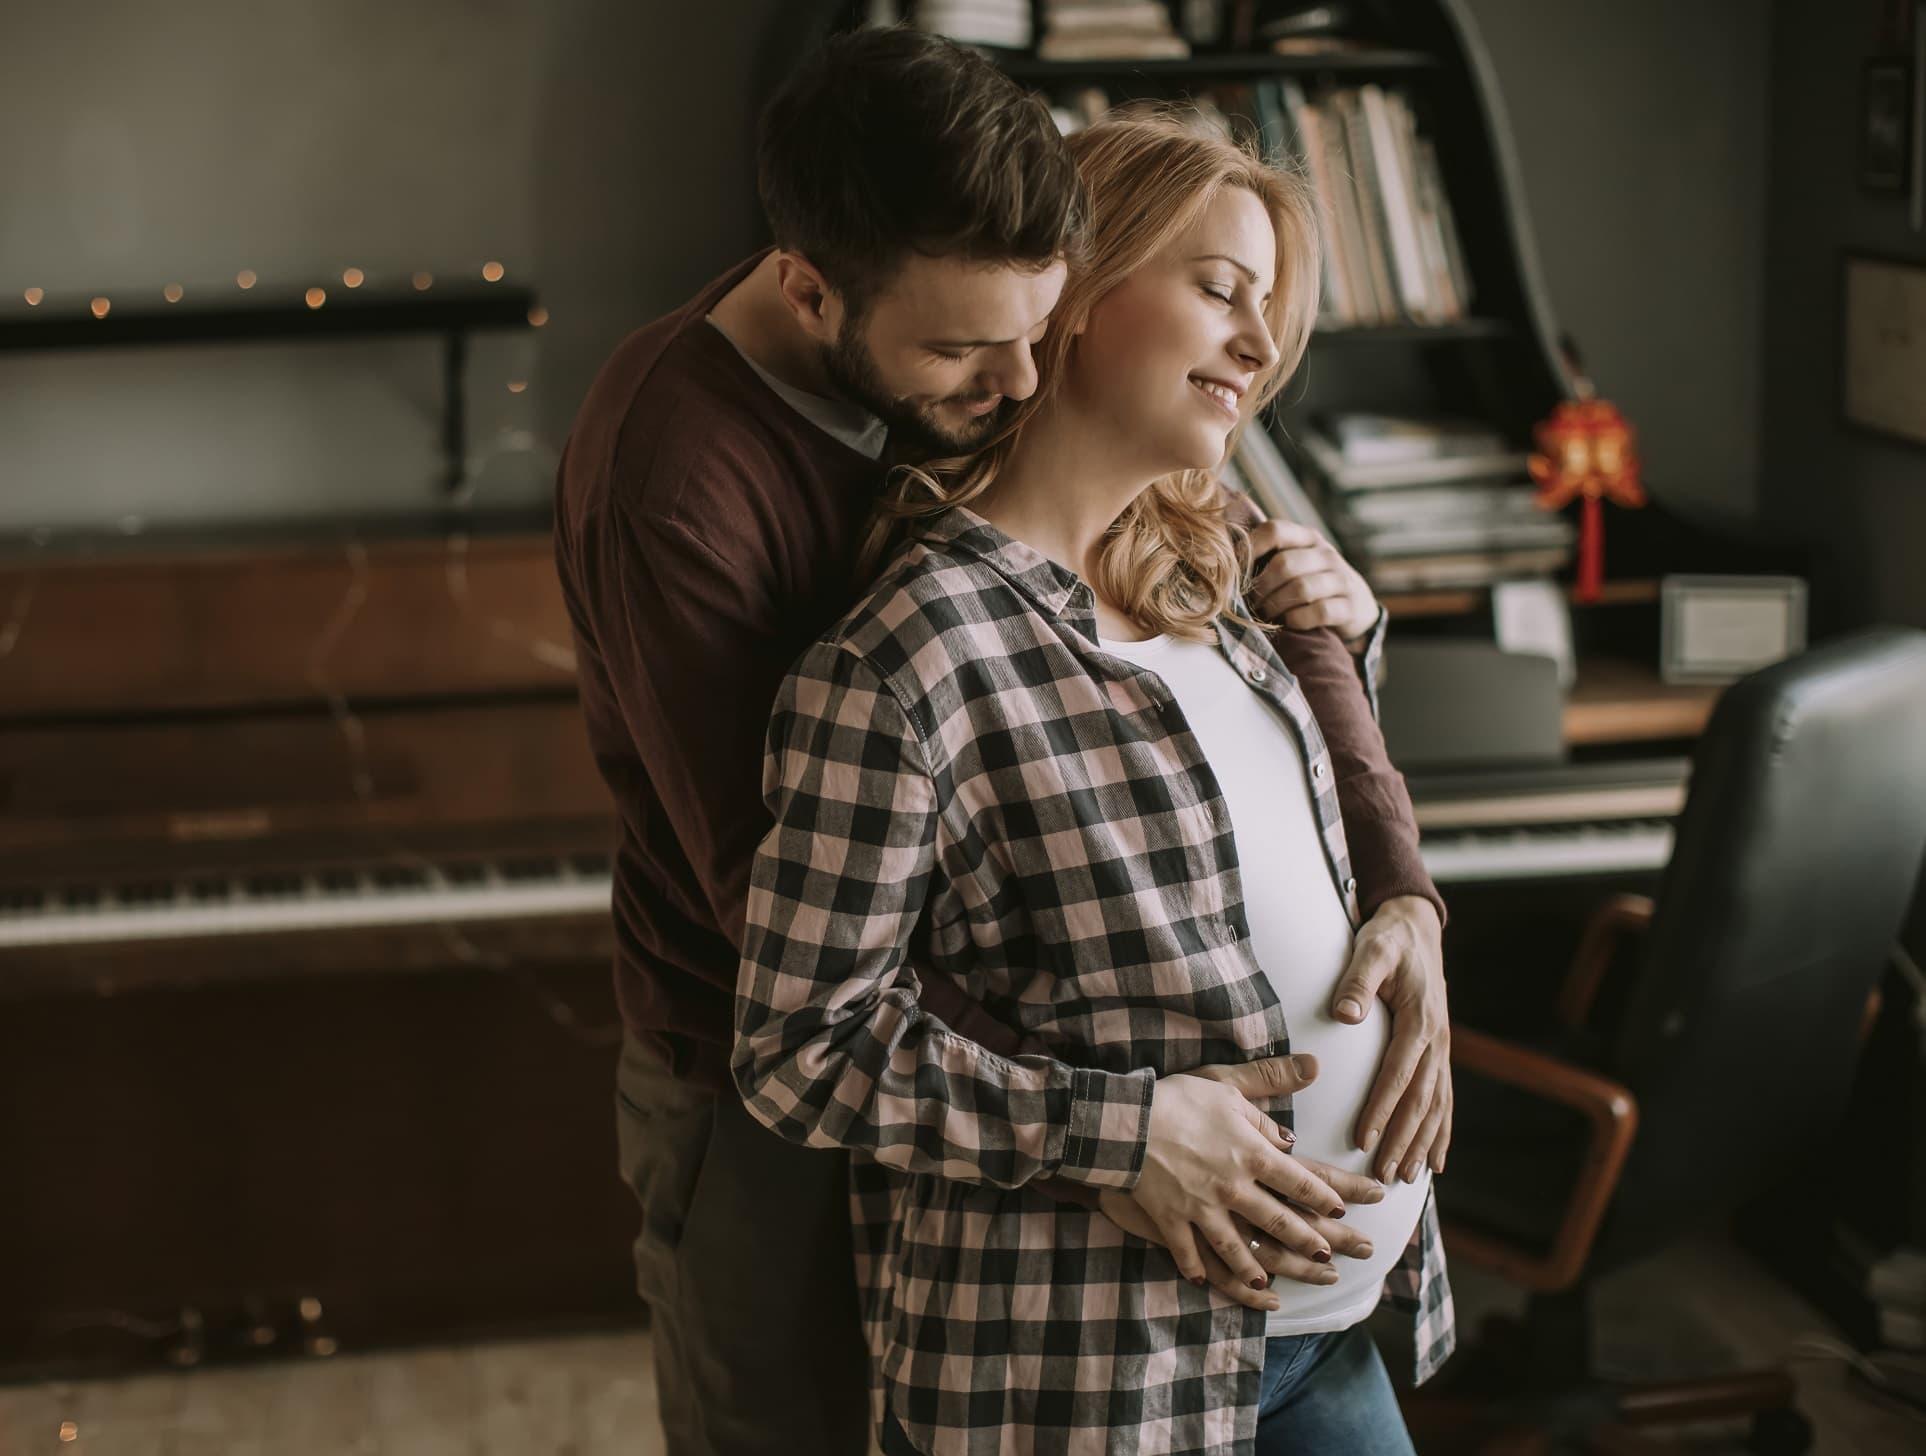 Pareja embarazada abrazándose